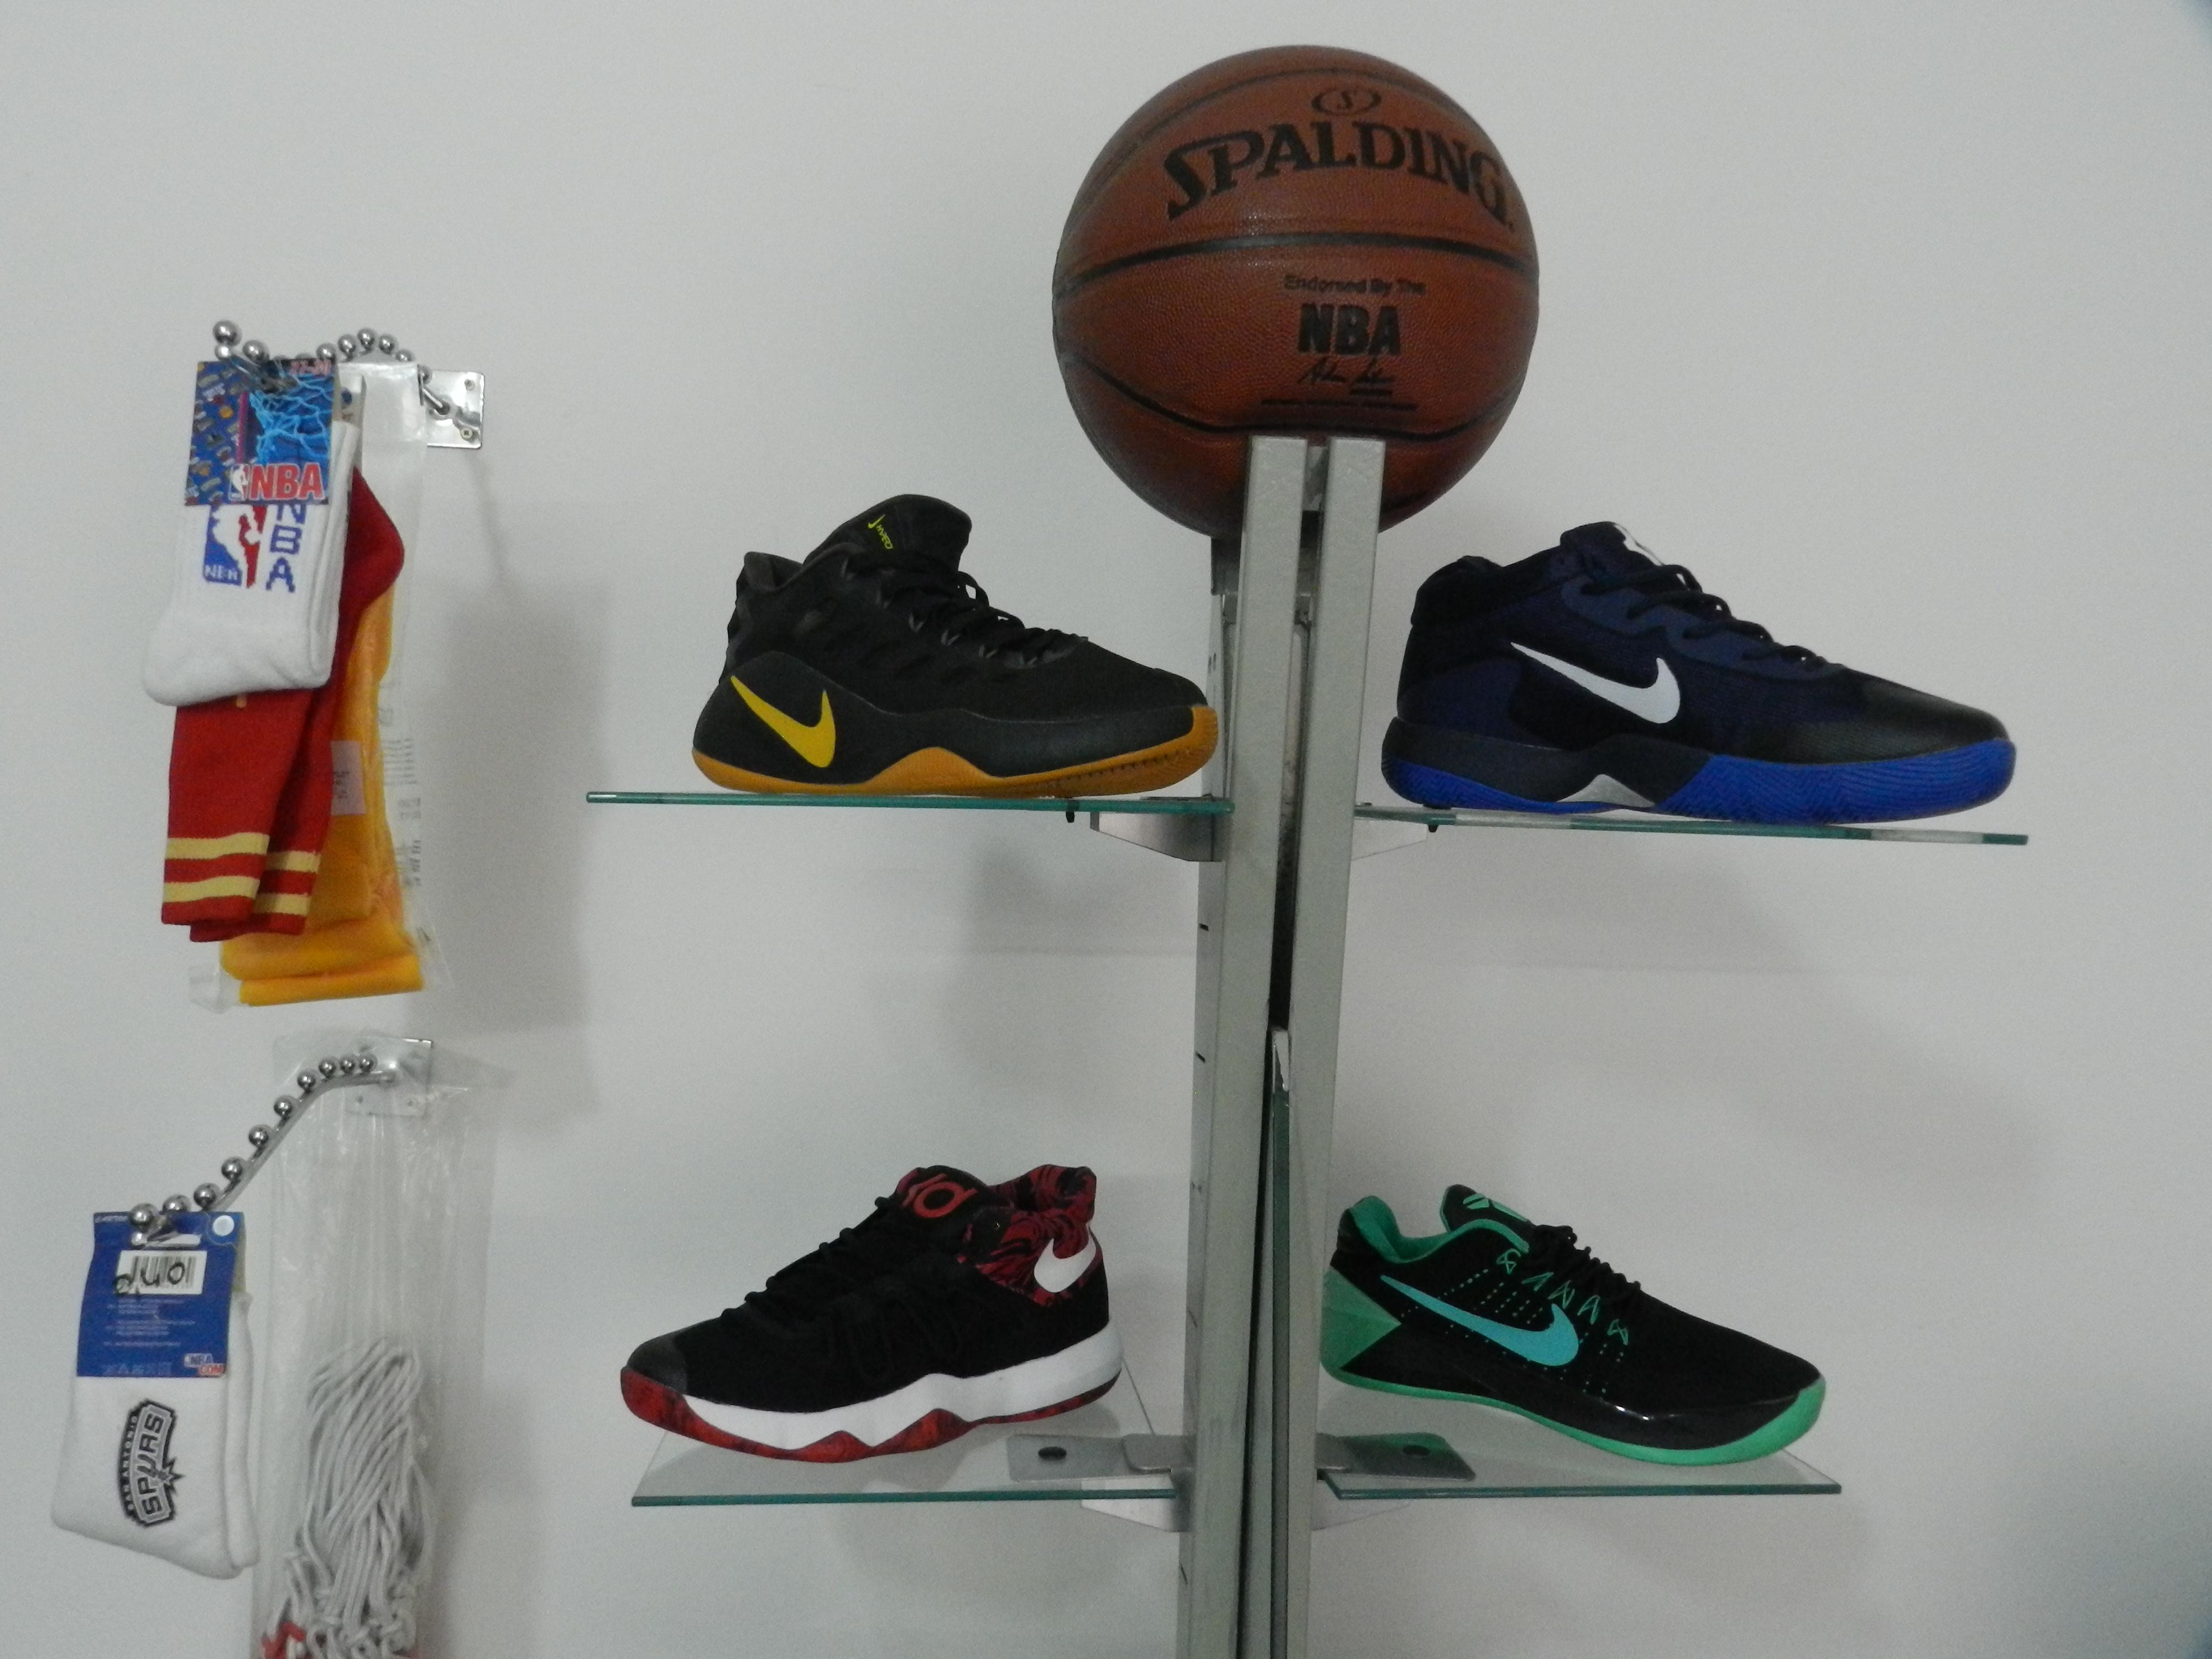 Chaussures, chaussettes et Ballons de basket